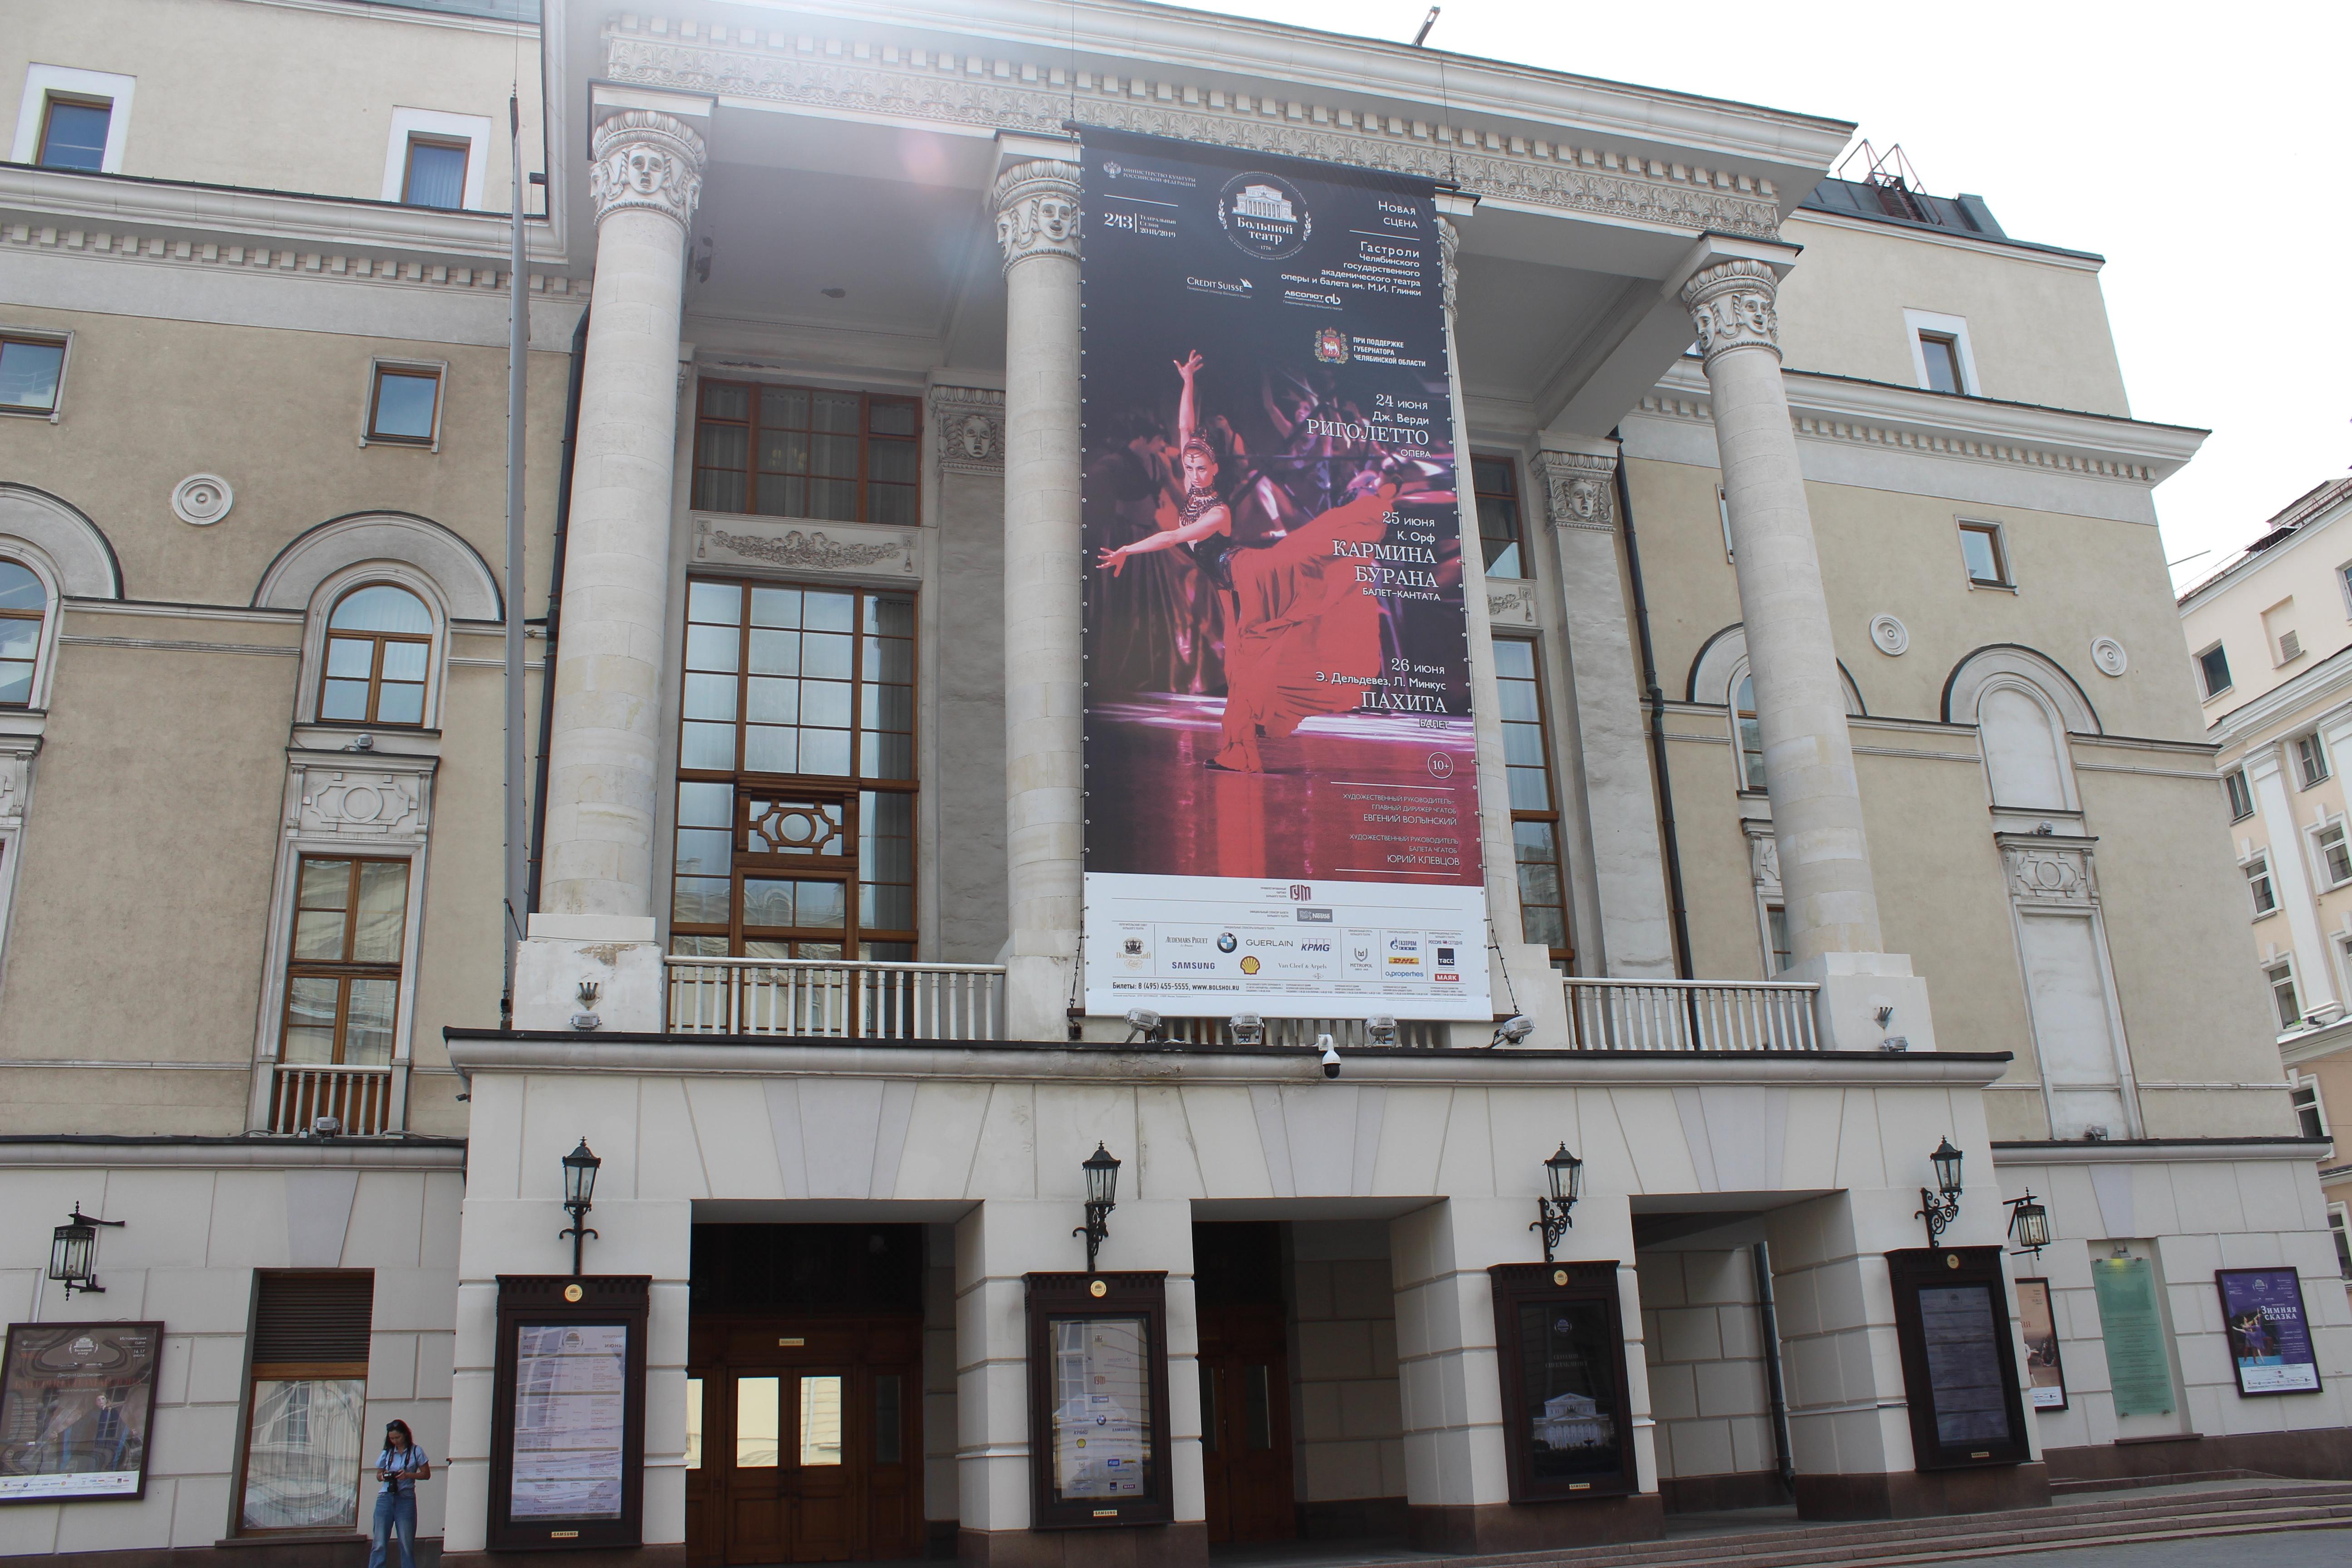 Челябинская труппа театра оперы и балета имени Глинки вернулась с самых масштабных гастролей за с